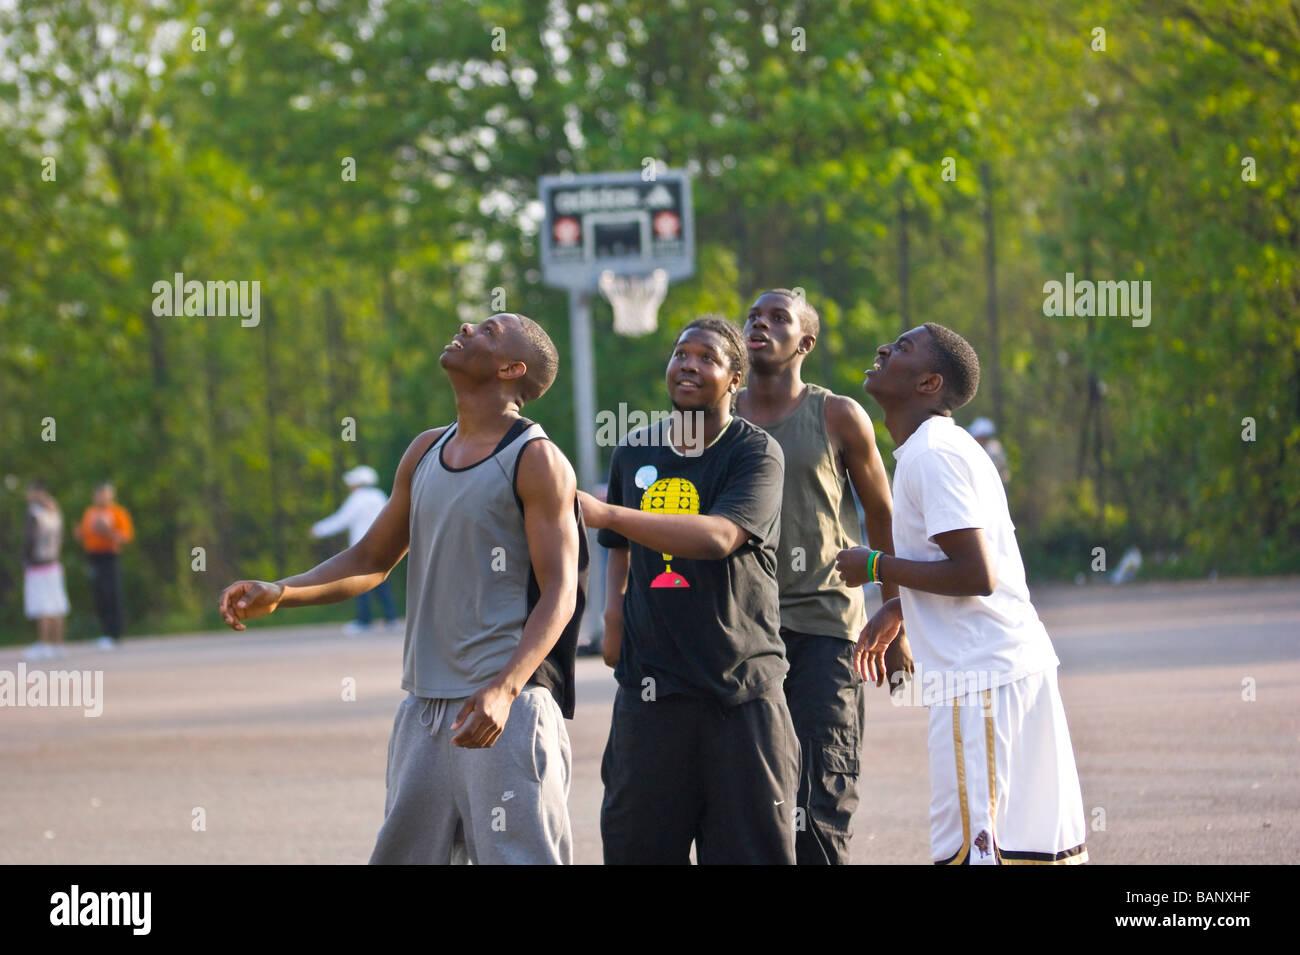 Domenica pomeriggio. Casual giocatori di basket guardare con gioia e il fiato sospeso, come loro basket propitiously Immagini Stock